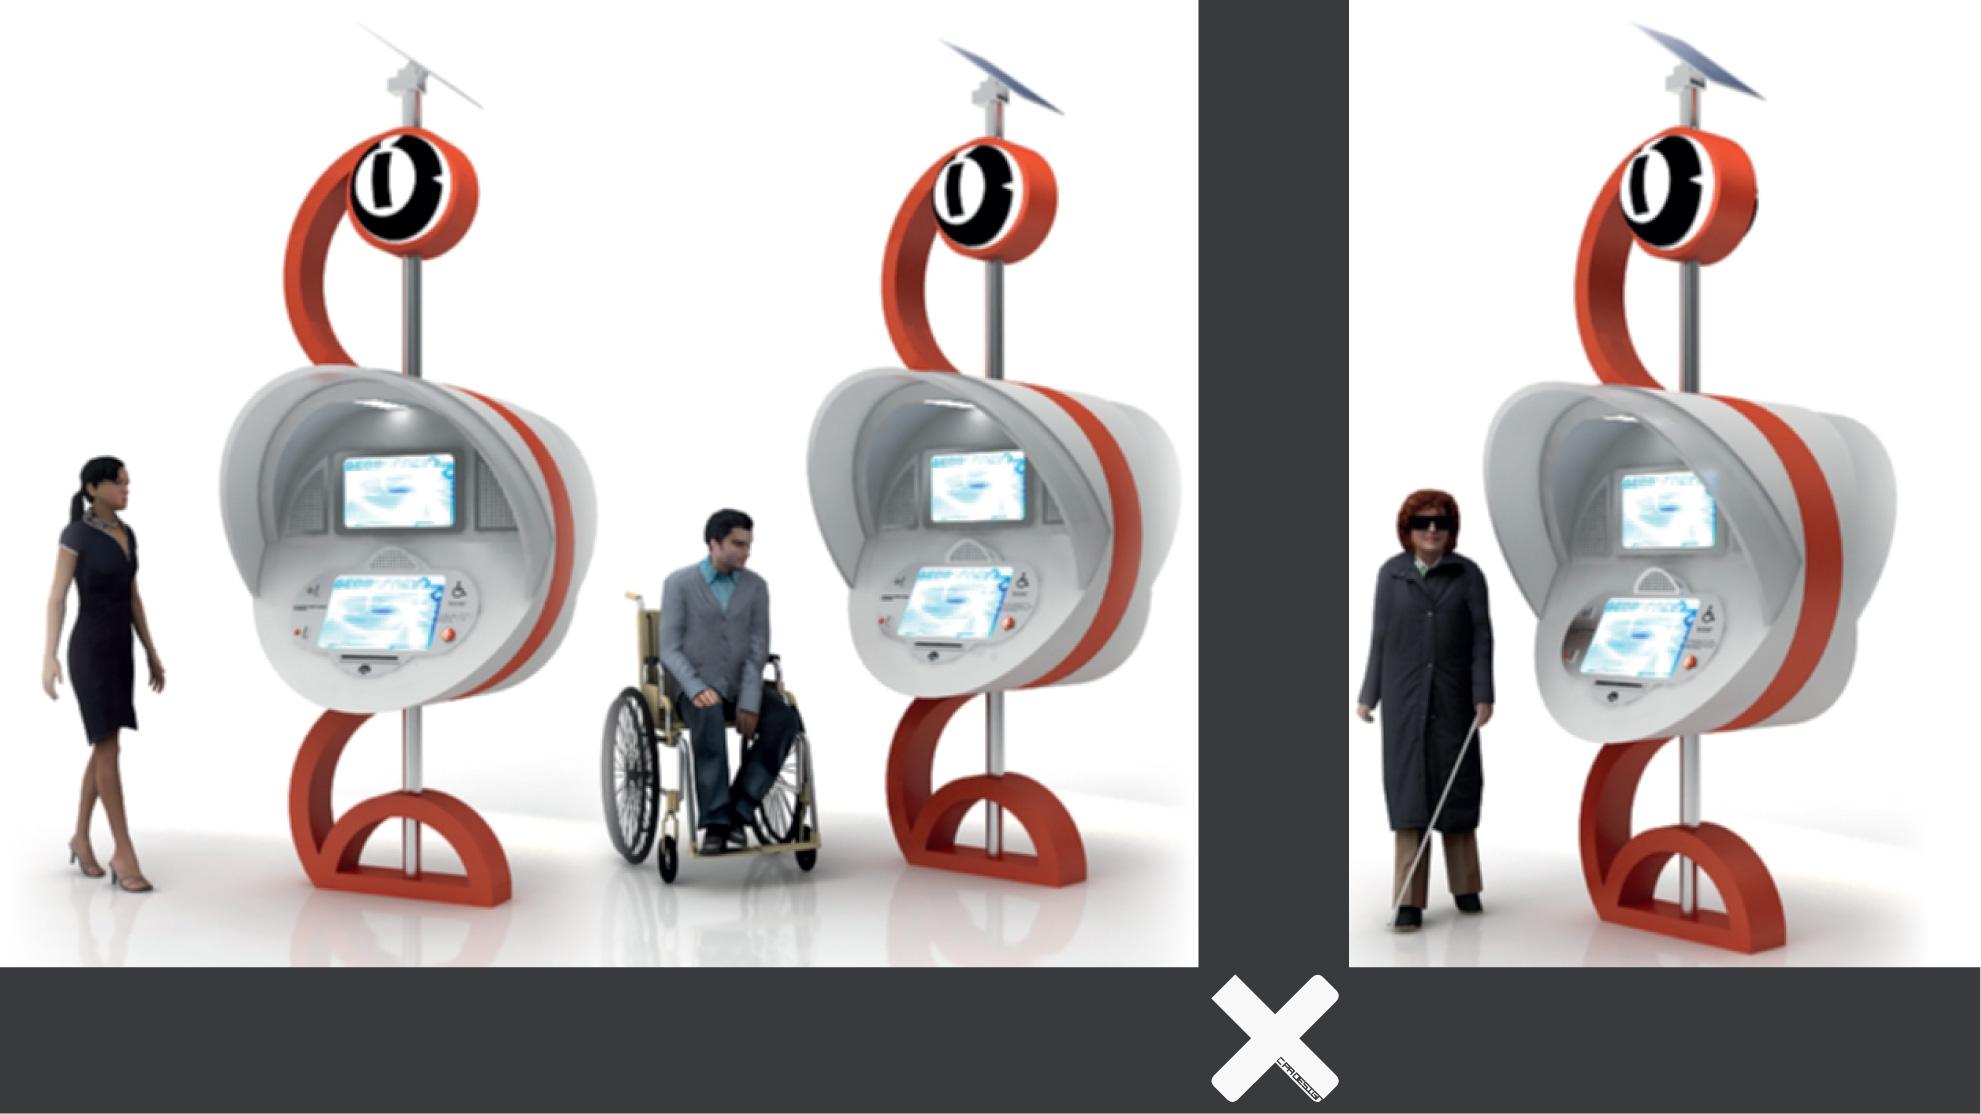 c_pa_design_produit_concept-innovation-recherche-ergonomie